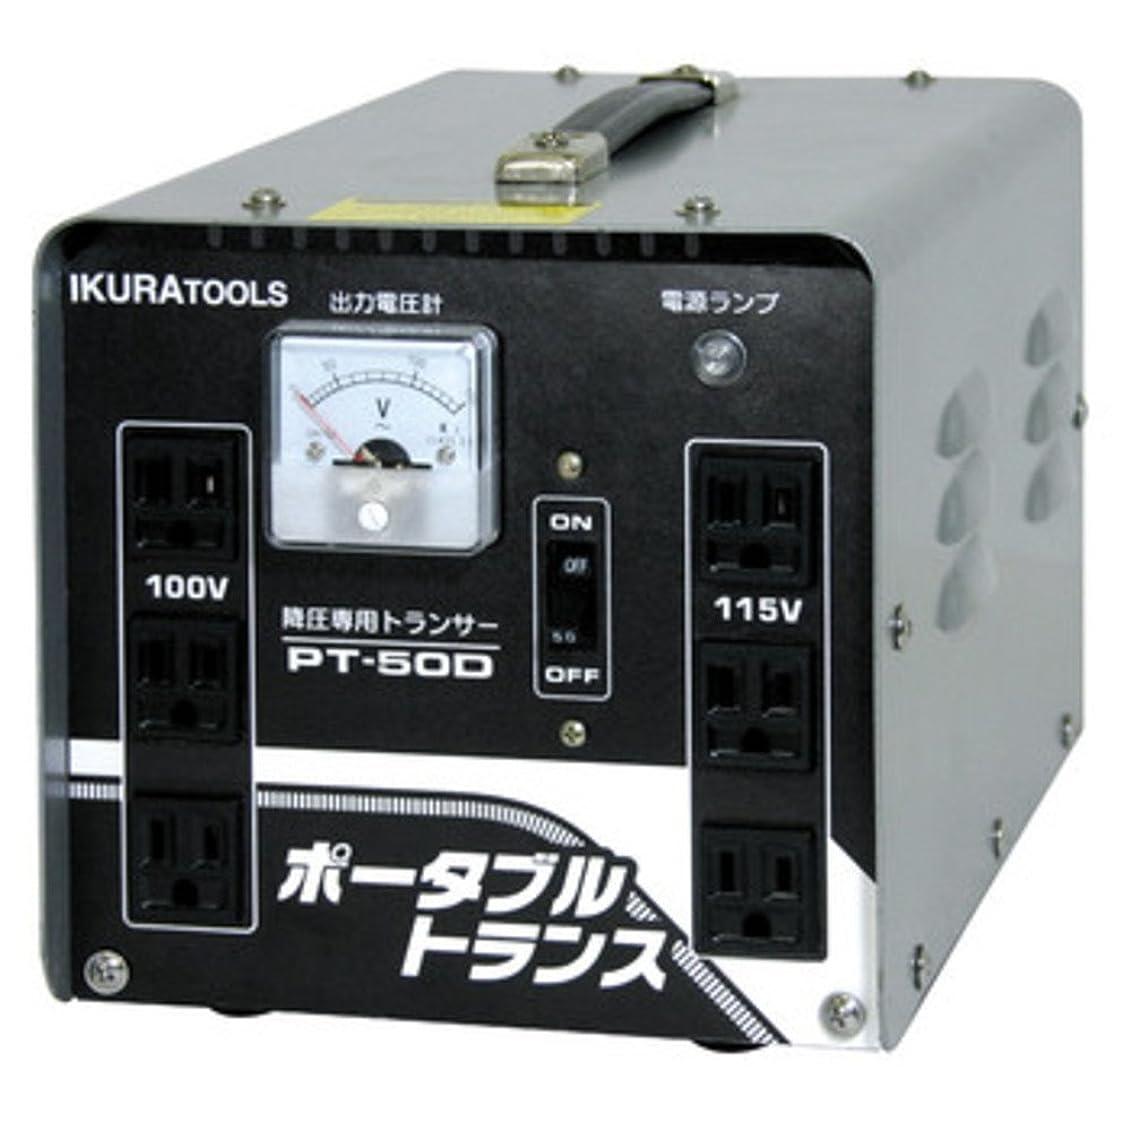 サイレント泥だらけありがたい育良精機 ポータブルトランス PT50D 降圧専用 AC200V